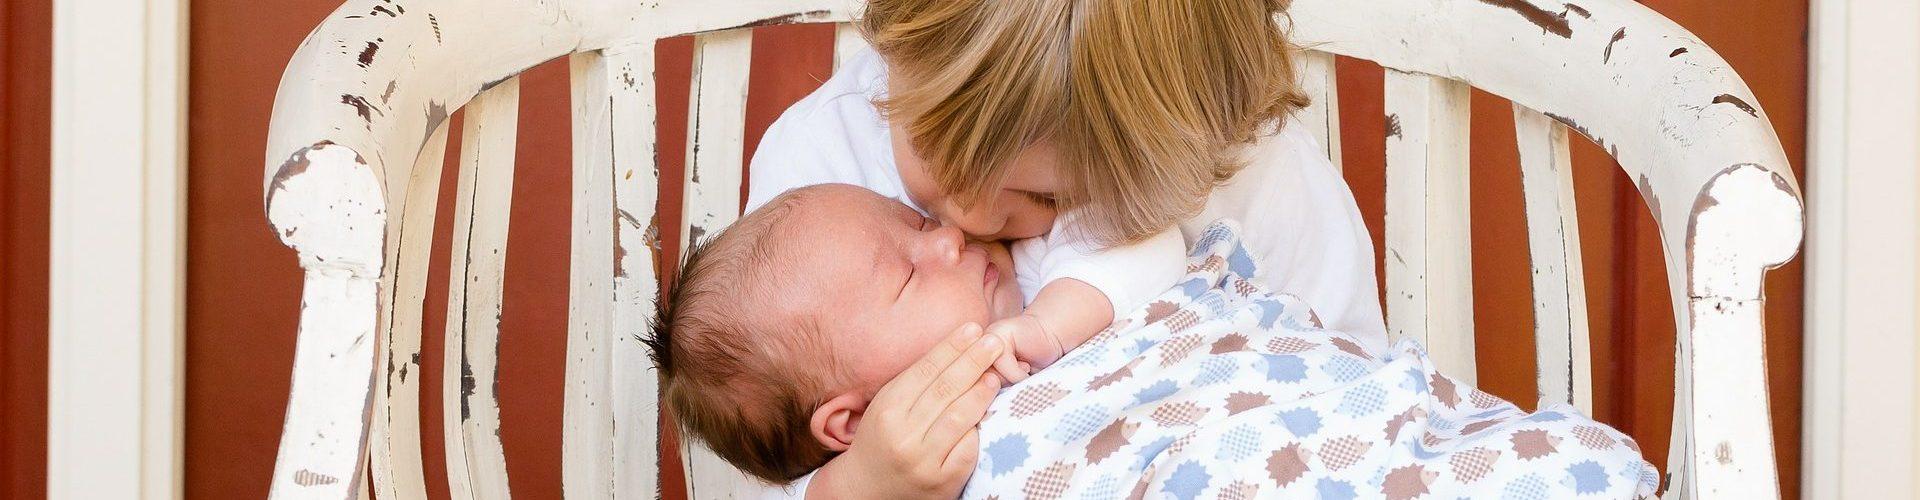 """""""Du verwöhnst dein Baby!"""", diesen Satz muss ich mir immer wieder als Mutter anhören. Stimmt diese Aussage?"""